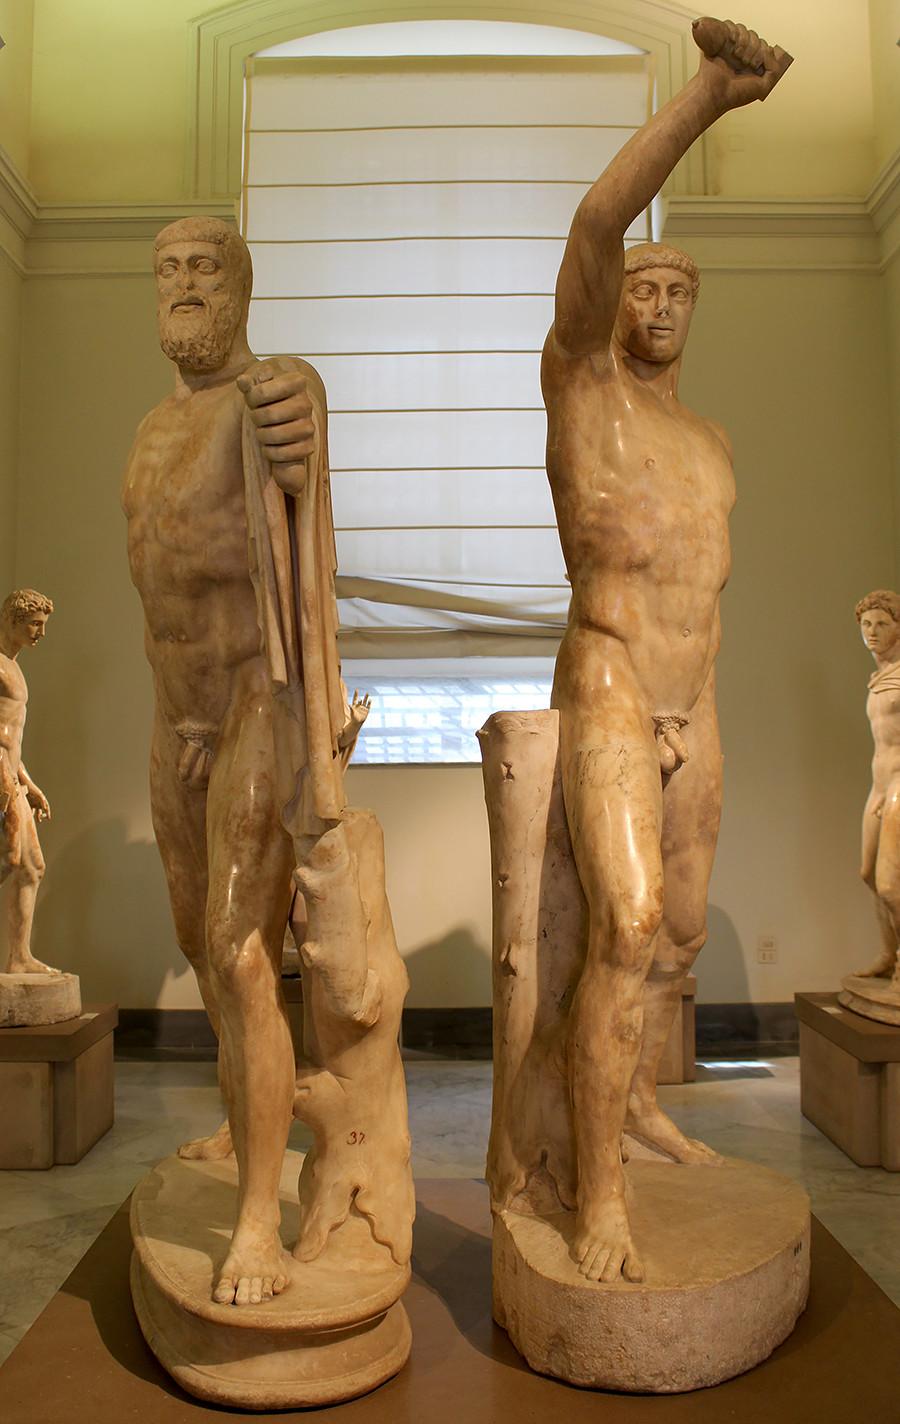 'Harmodio y Aristogitón', copia romana de la estatua ateniense de Kritios y Nesiotes.